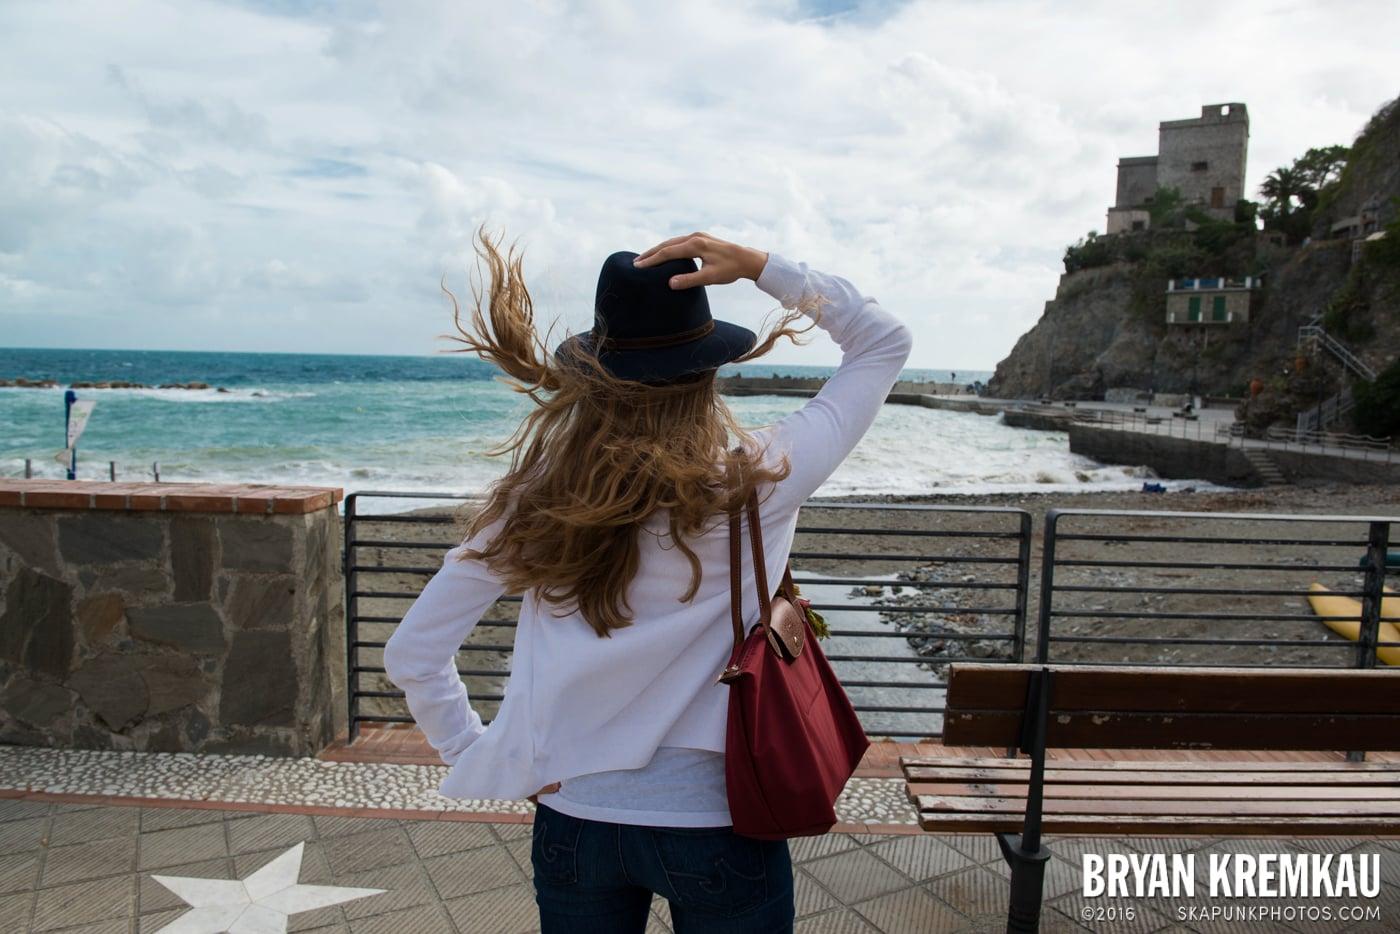 Italy Vacation - Day 10: Cinque Terre - 9.18.13 (5)